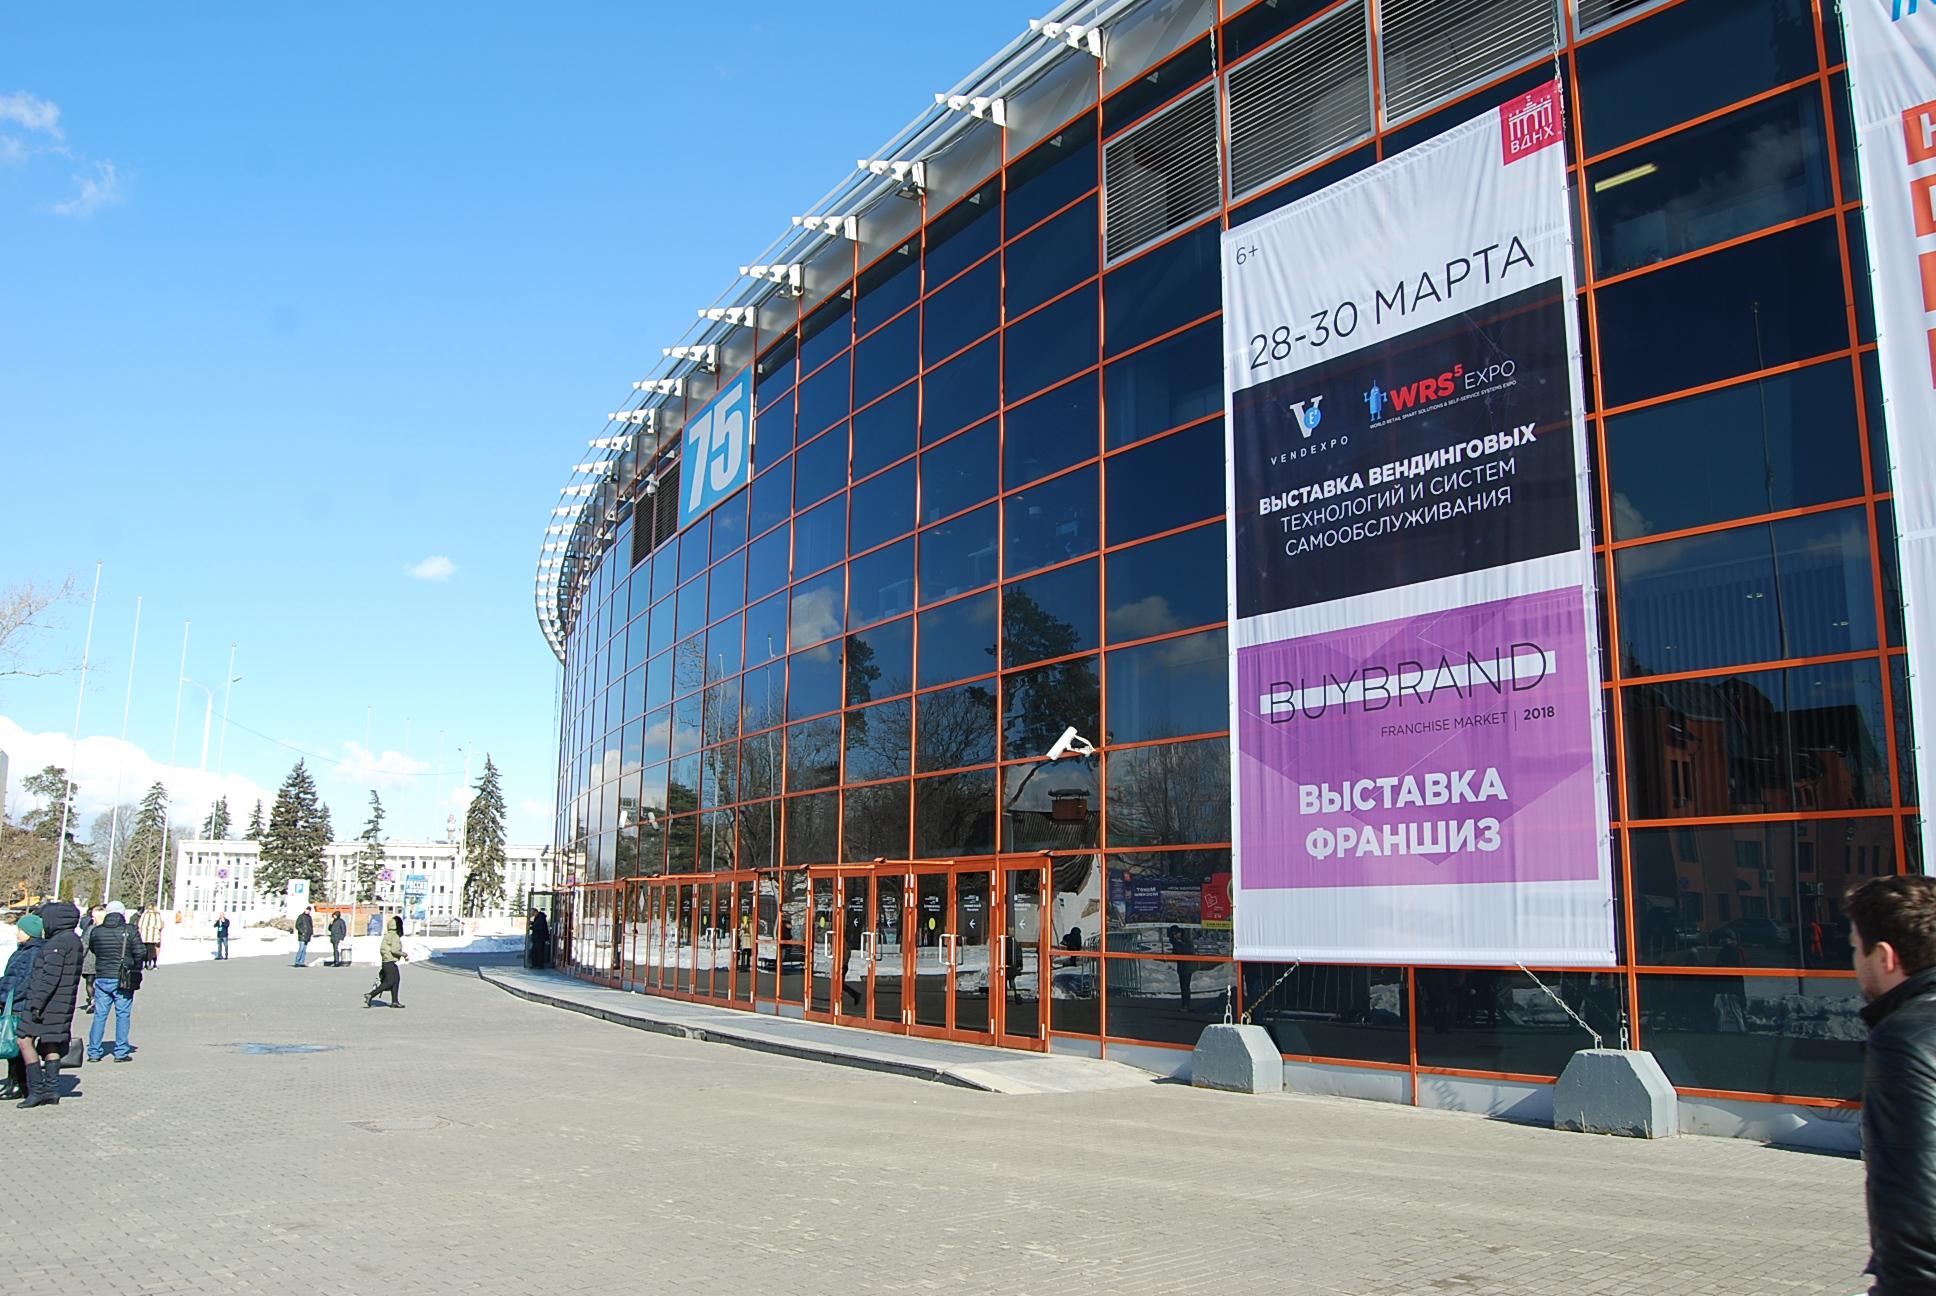 Выставка ВендЭкспо 2018. Москва. ВДНХ. Вид на павильон с баннером от 02.04.2018 9:11:00